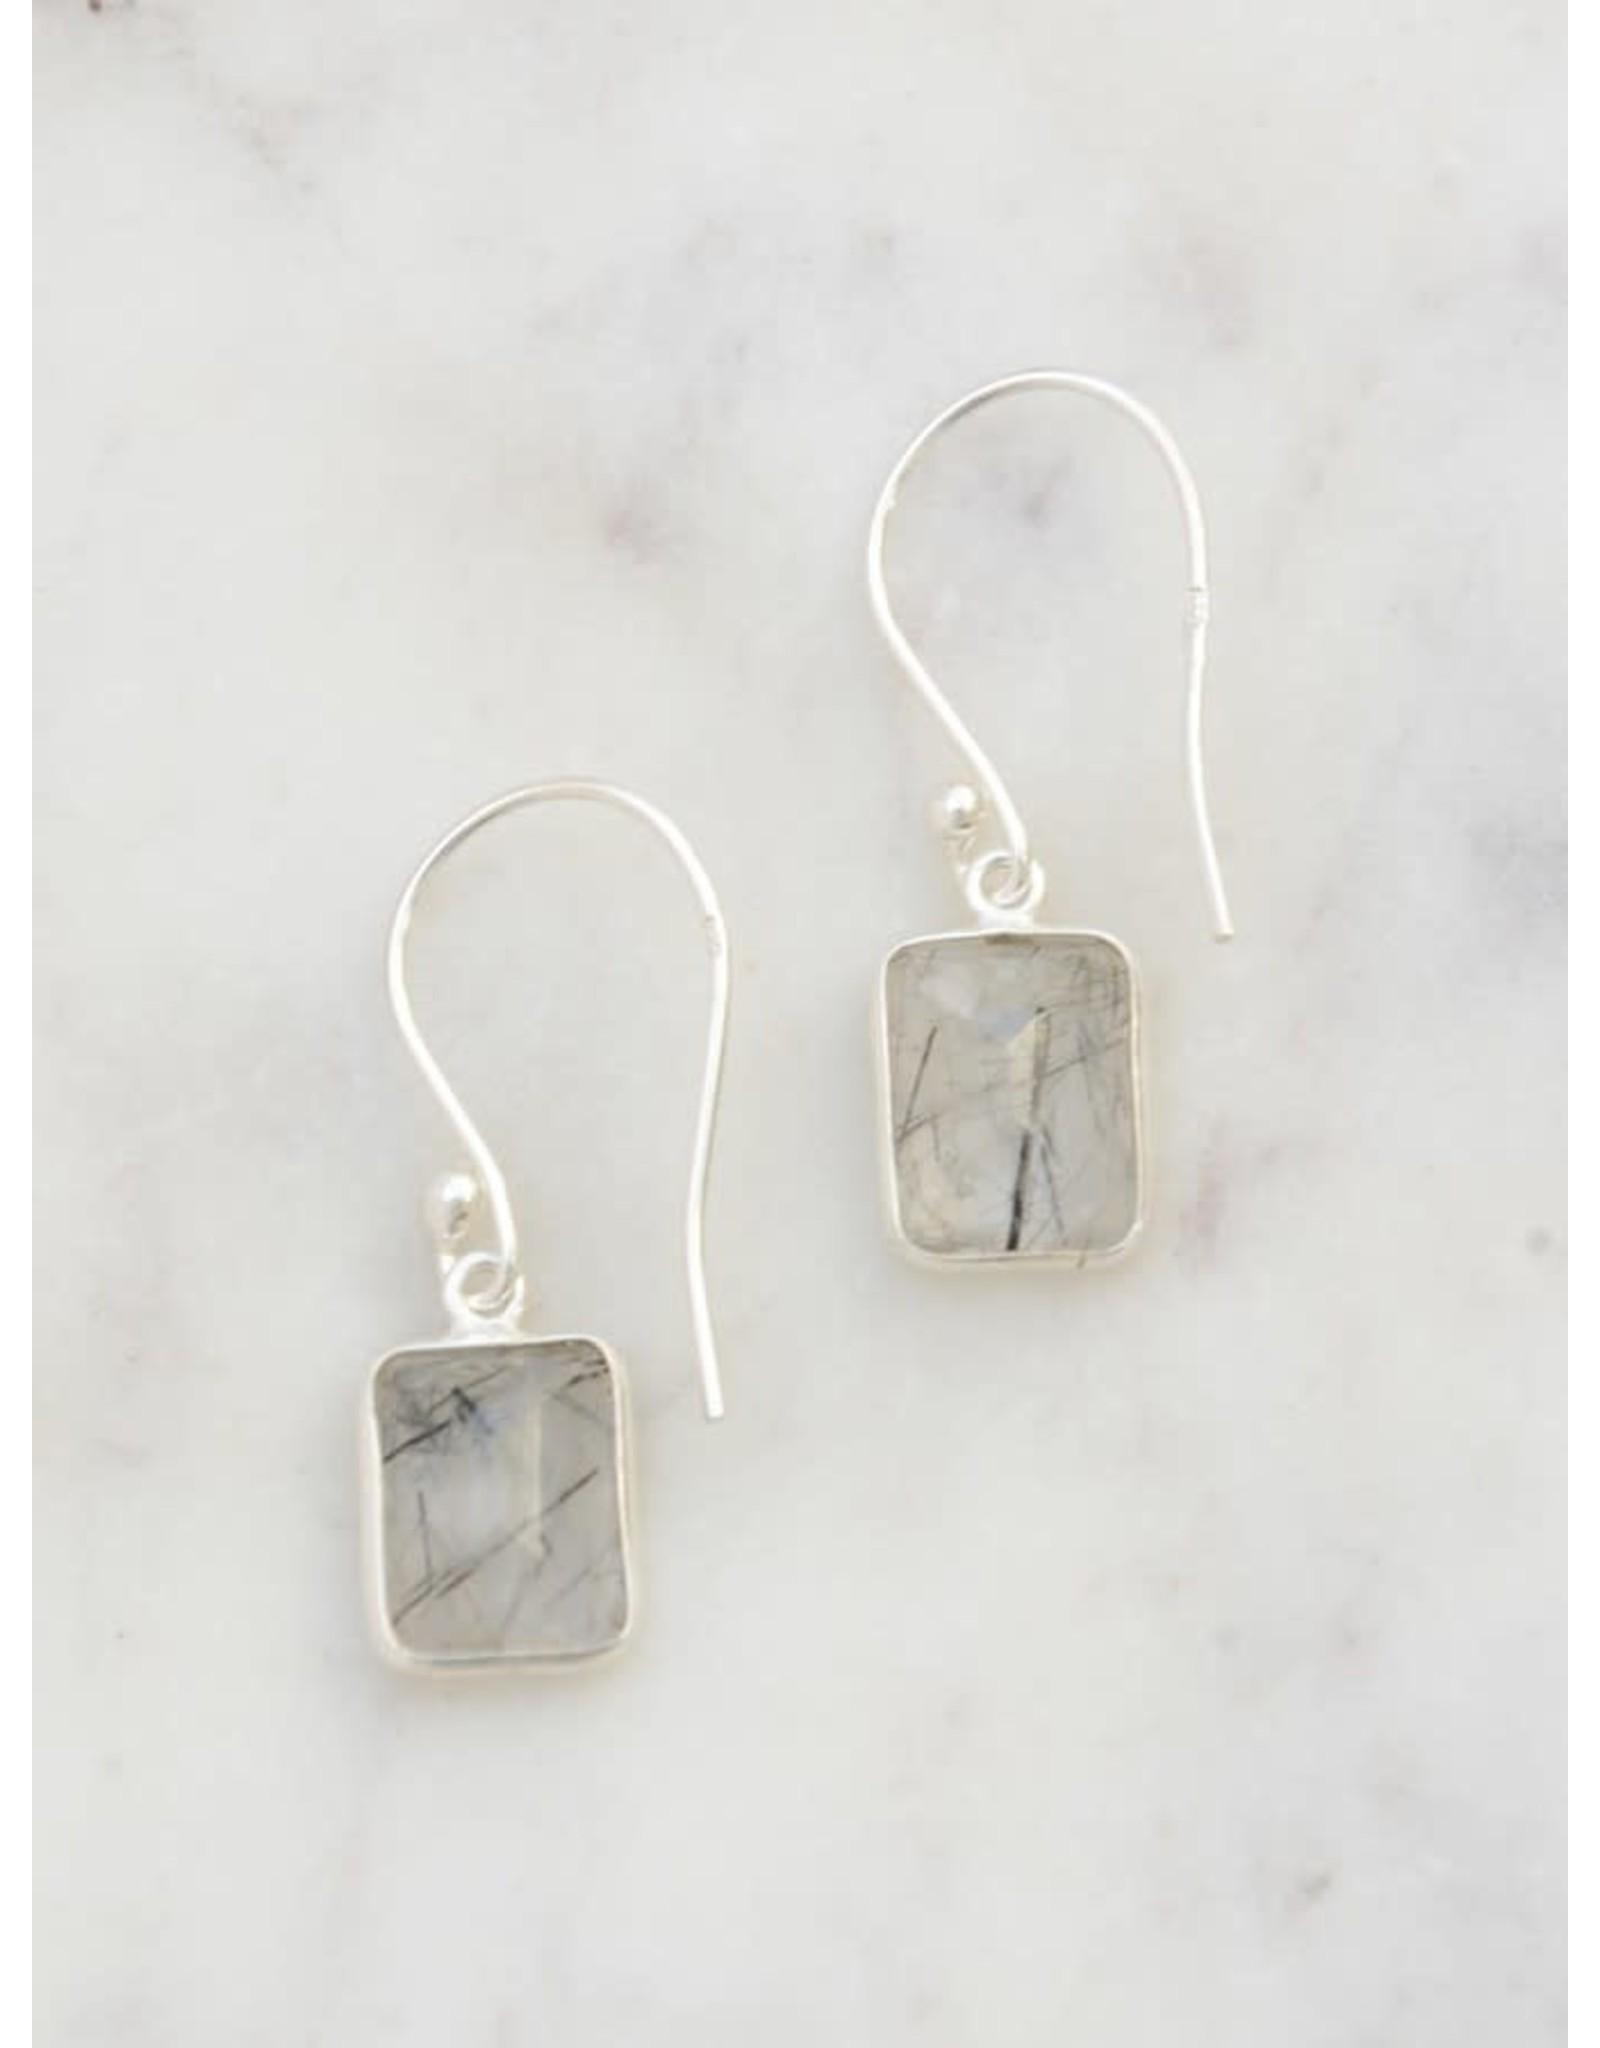 Stone Window Sterling Earrings - Black Rutile